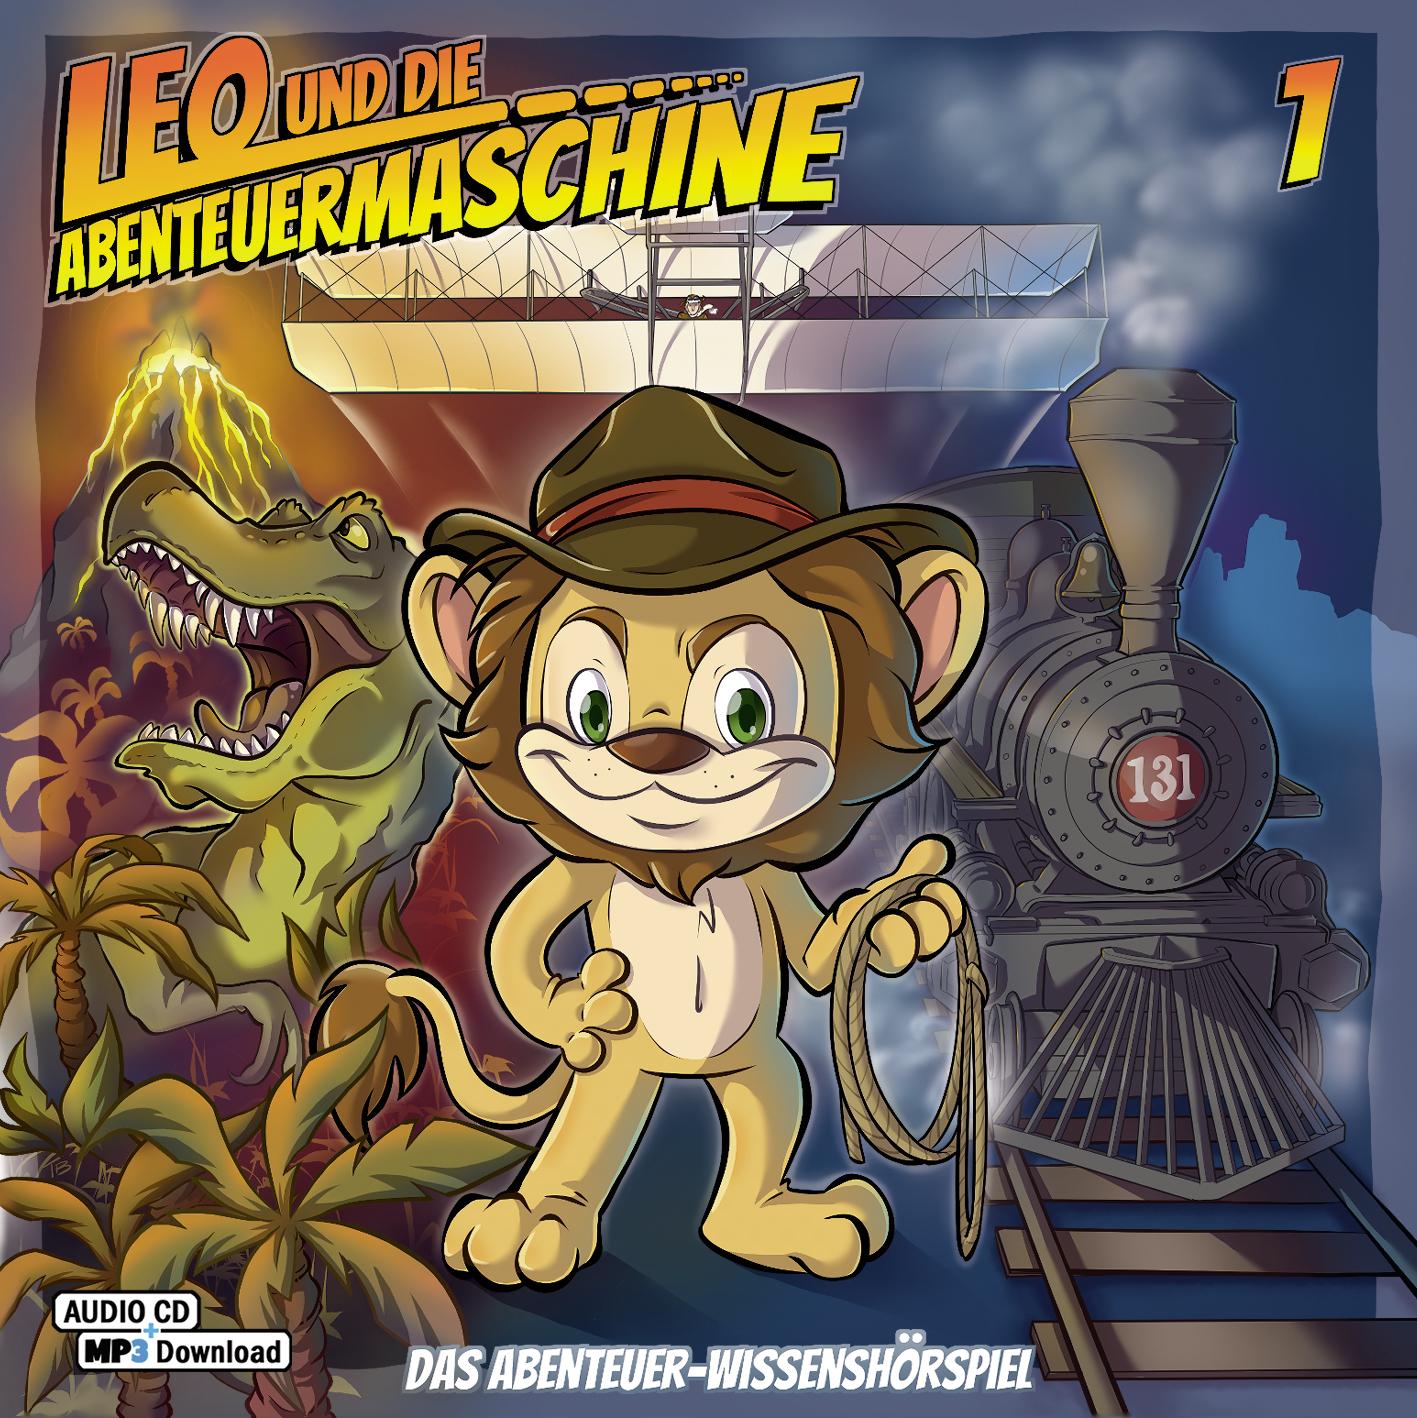 CD Cover Leo und die Abenteuermaschine 1